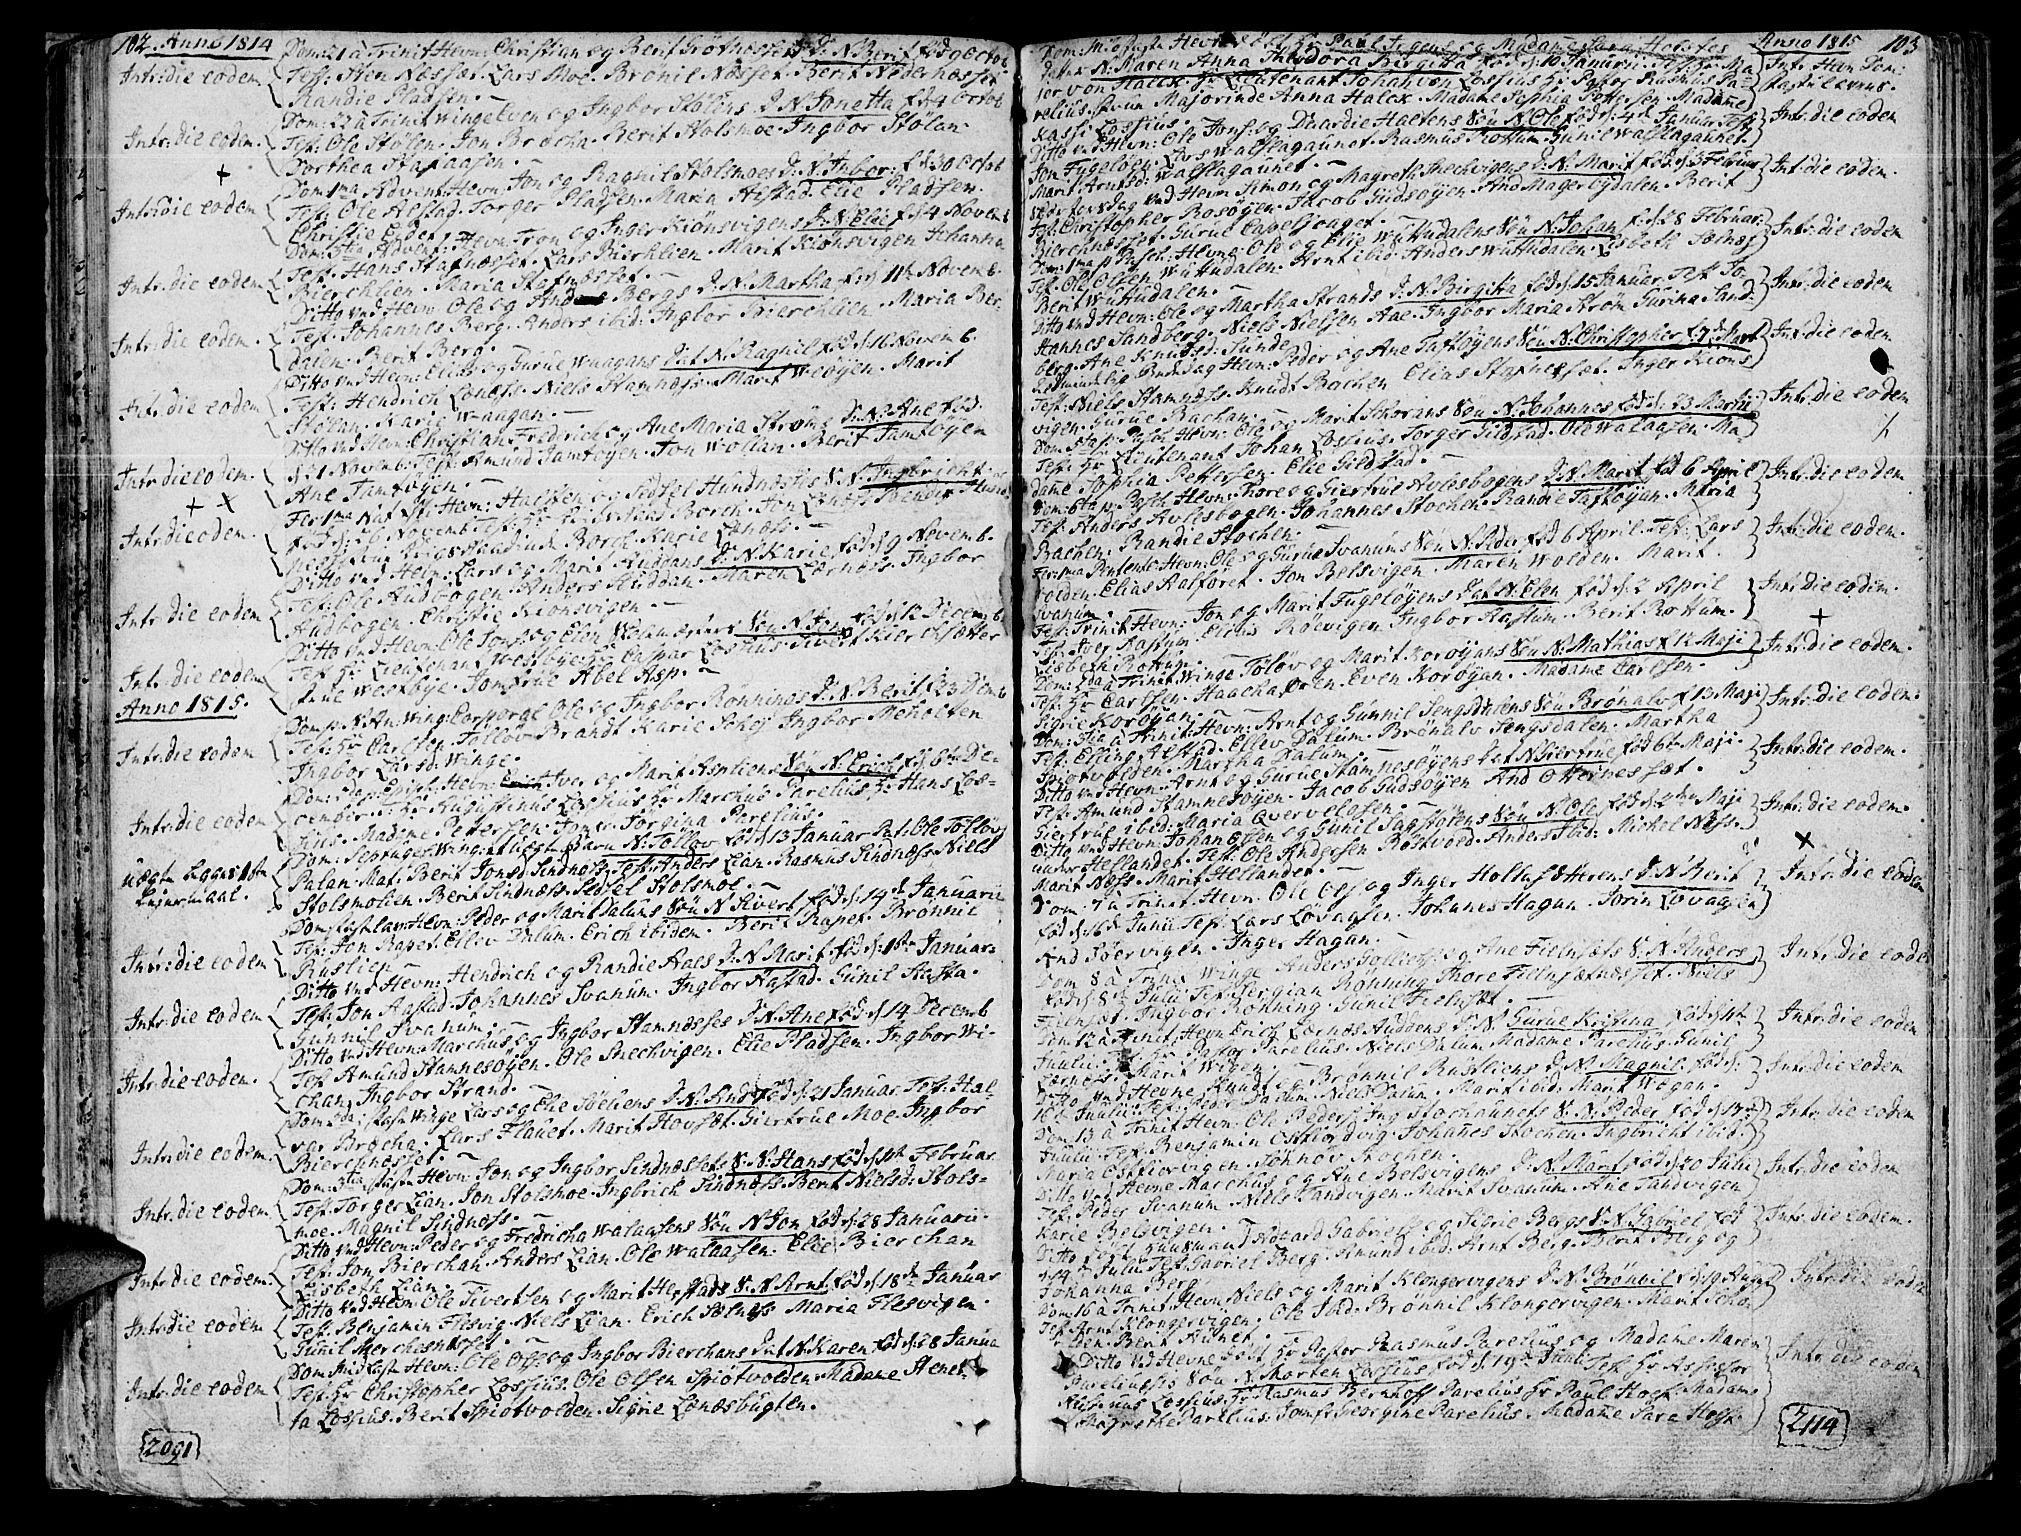 SAT, Ministerialprotokoller, klokkerbøker og fødselsregistre - Sør-Trøndelag, 630/L0490: Ministerialbok nr. 630A03, 1795-1818, s. 102-103